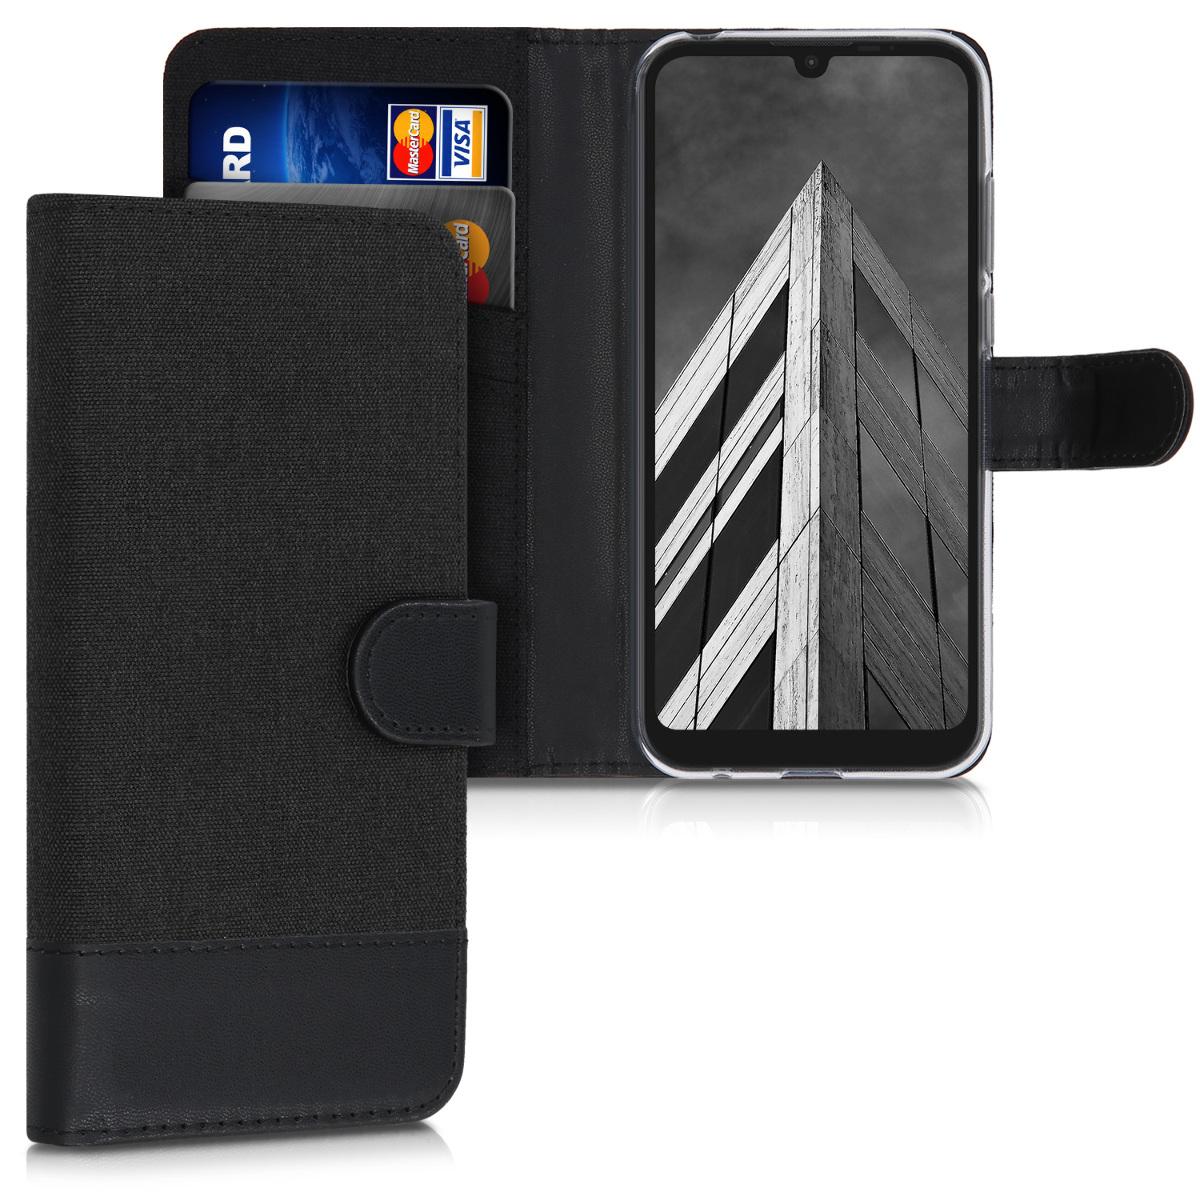 Textilní látkové pouzdro | obal pro Motorola Moto E6s - Antracit / černá